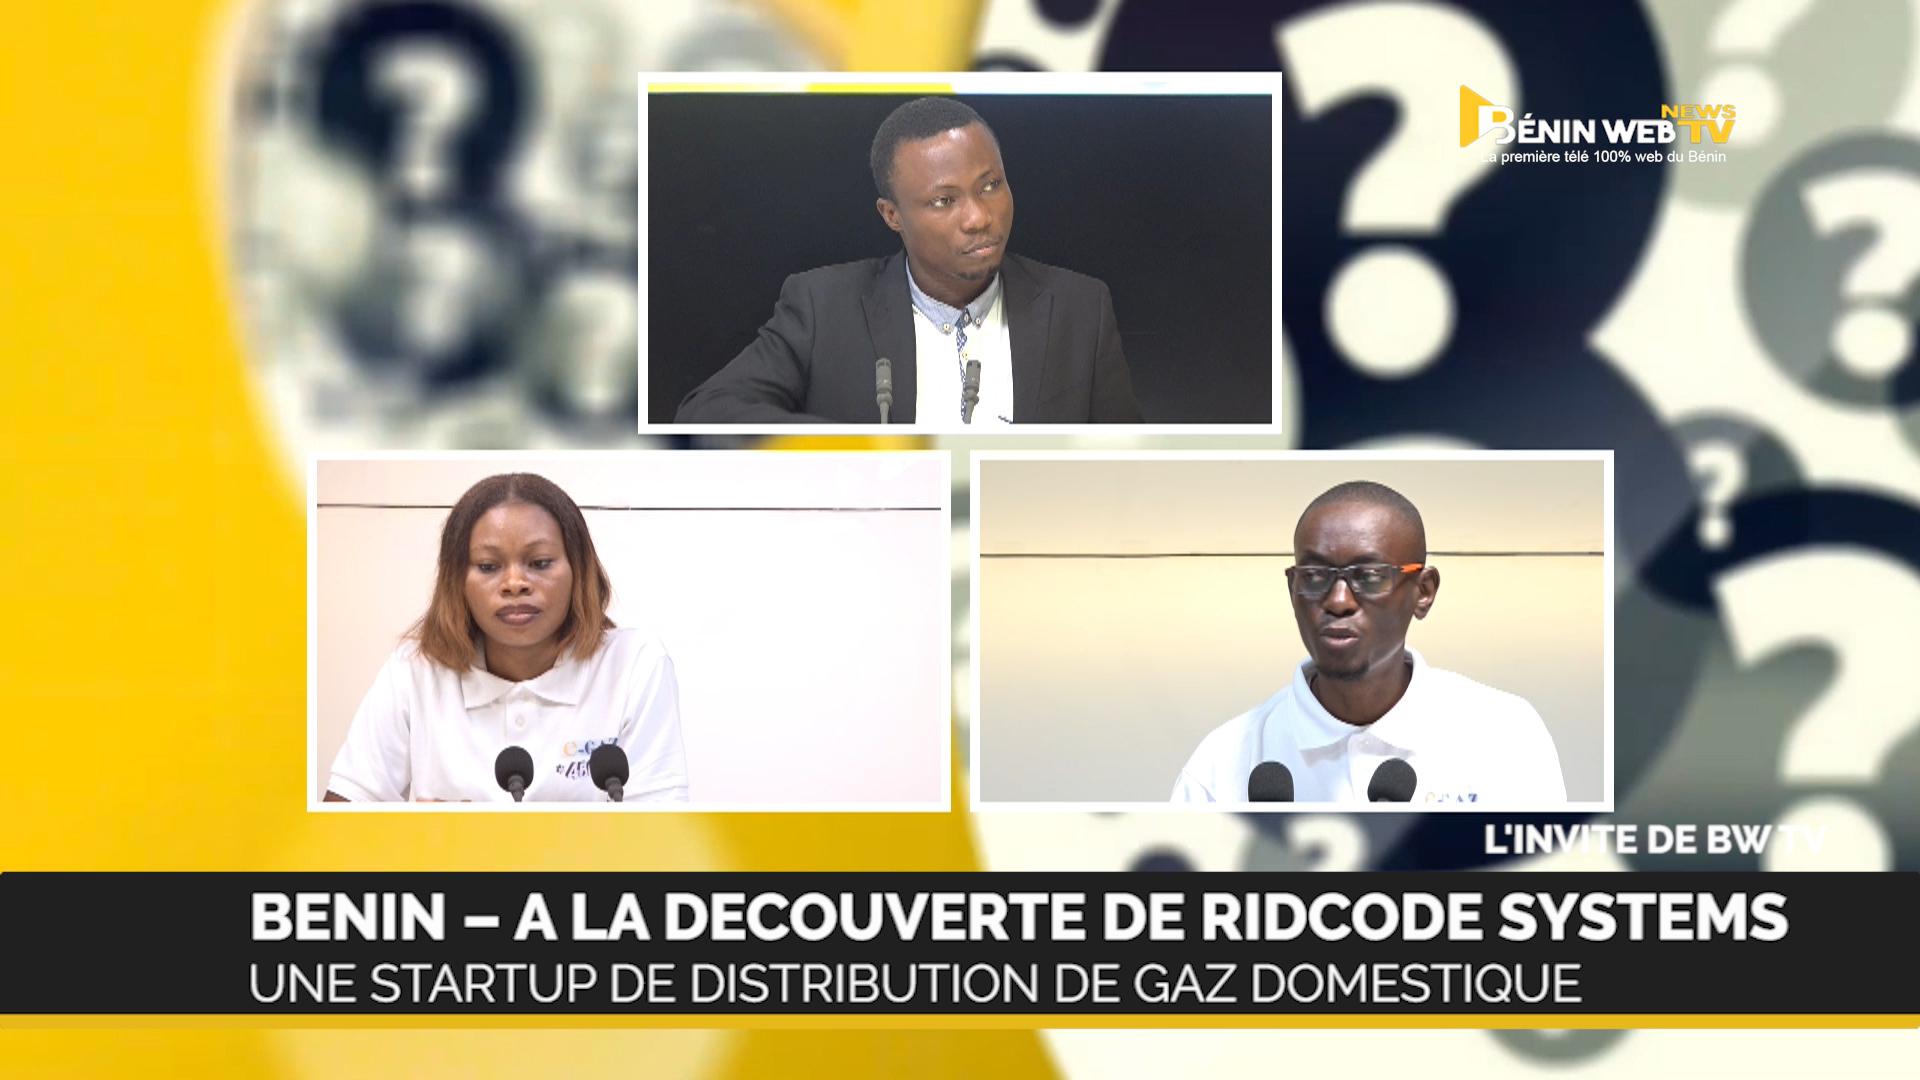 Bénin : Ride Code System, une startup de distribution de Gaz domestique (vidéo)